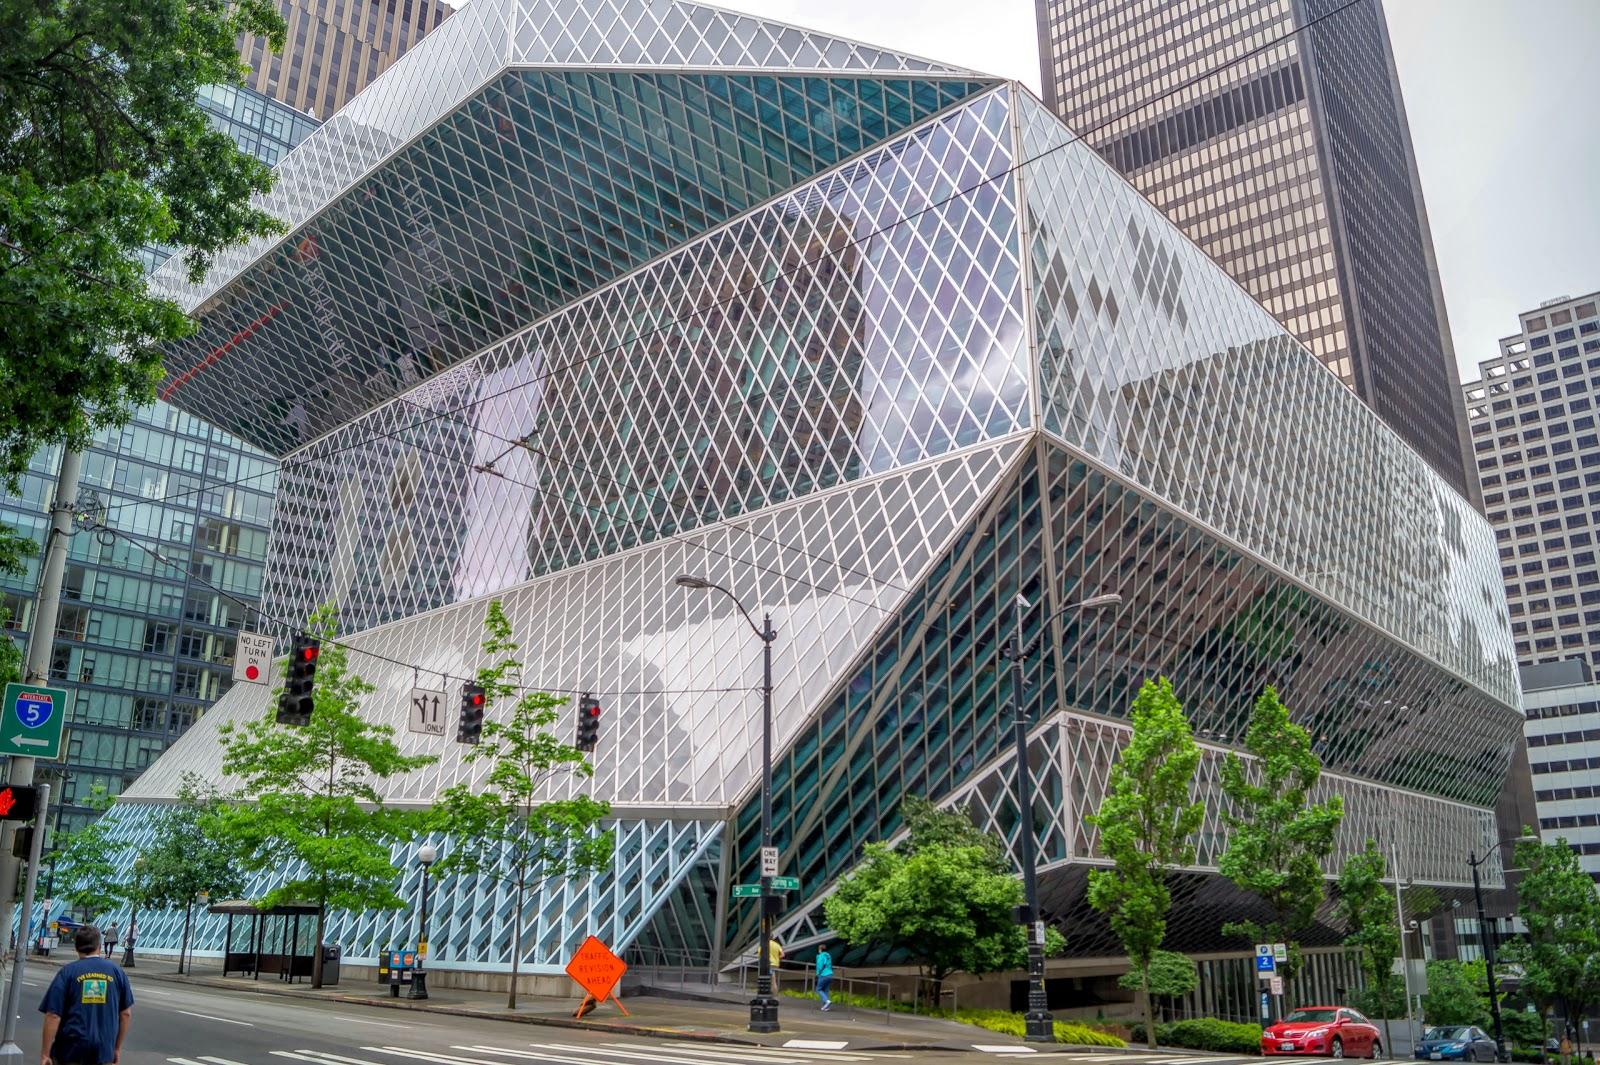 Прогулку по городу мы начали с городской библиотеки, построенной в 2004 году в современном стиле из стекла и бетона.